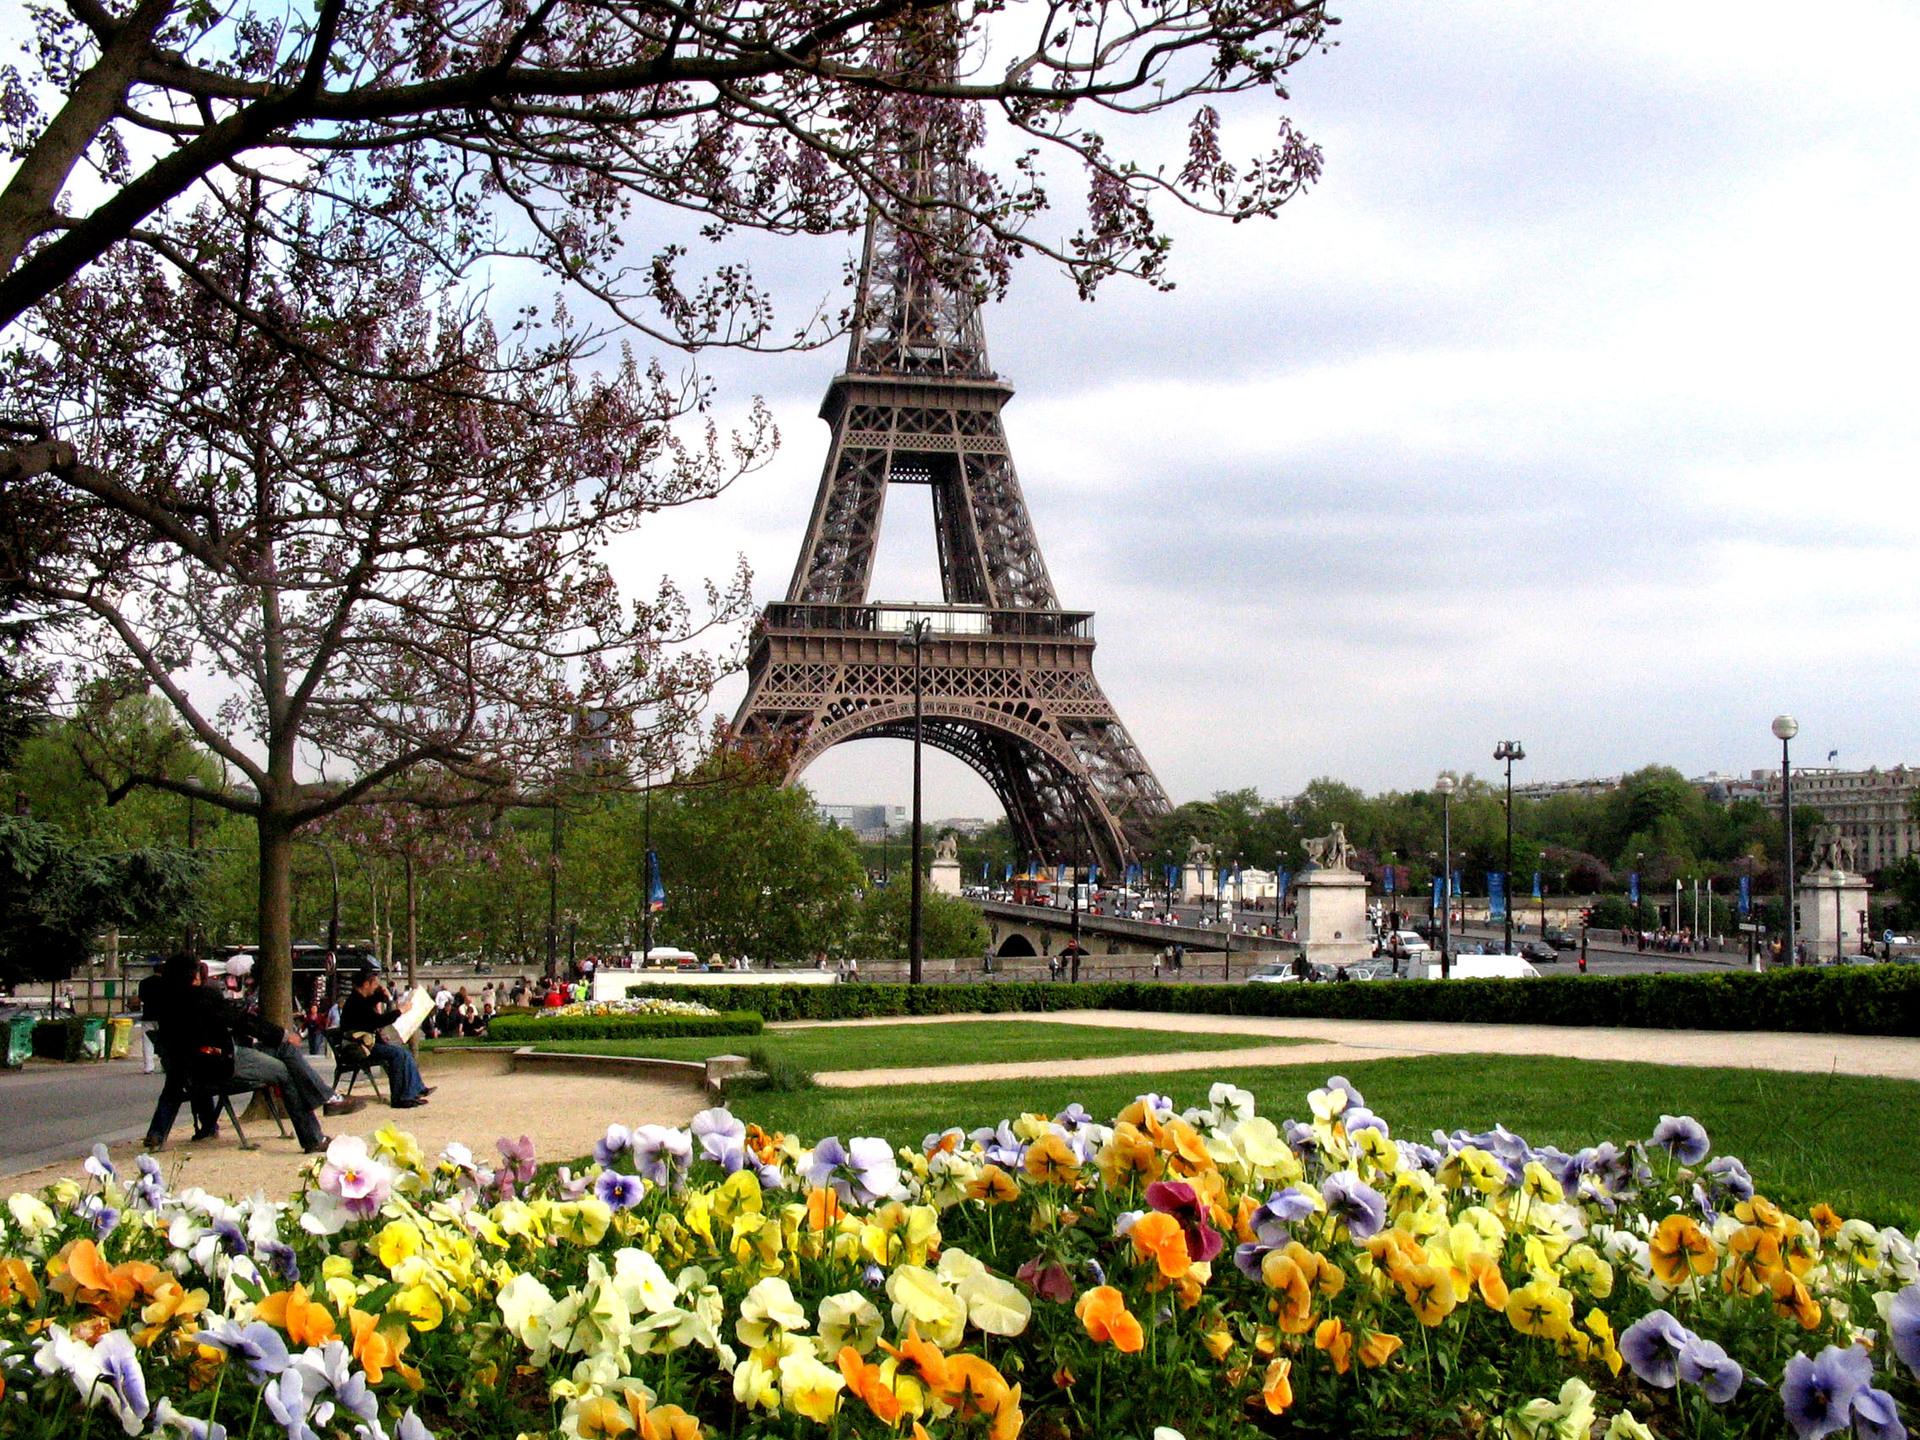 Vakanties naar Parijs op laagste punt in tien jaar